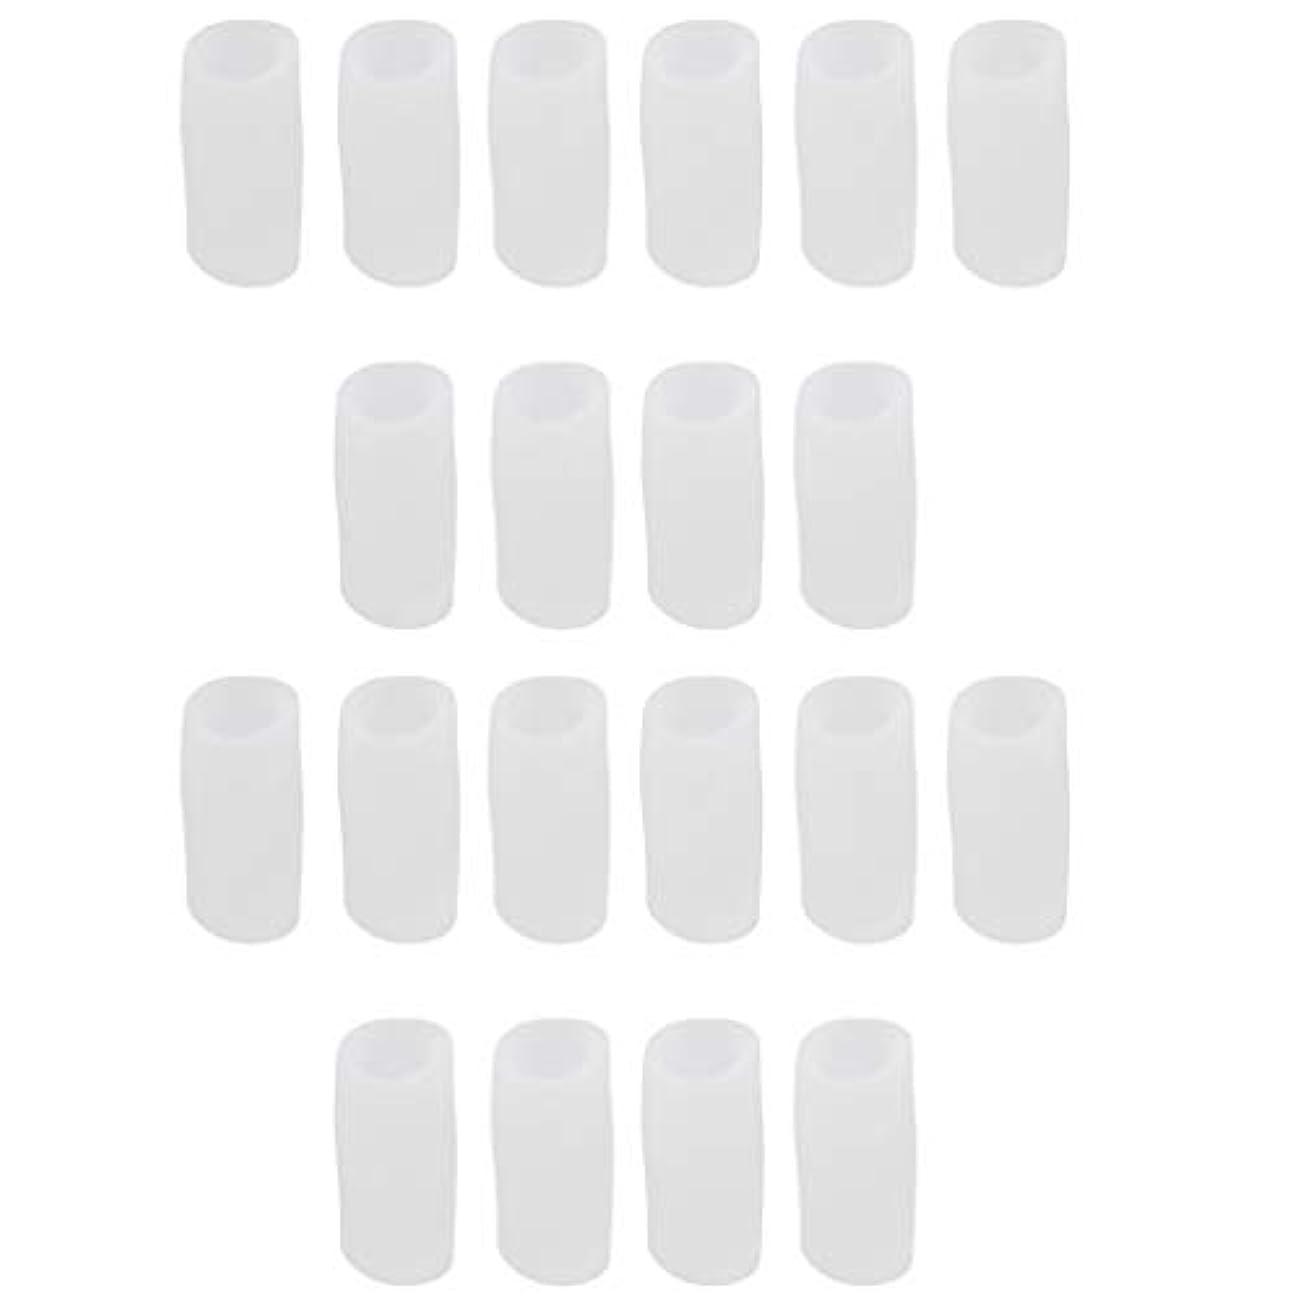 ガード排除する出発dailymall 20個入りシリコンジェルトウプロテクターキャップ足の陥入爪用クッションコーンブリスターハンマートウ - S